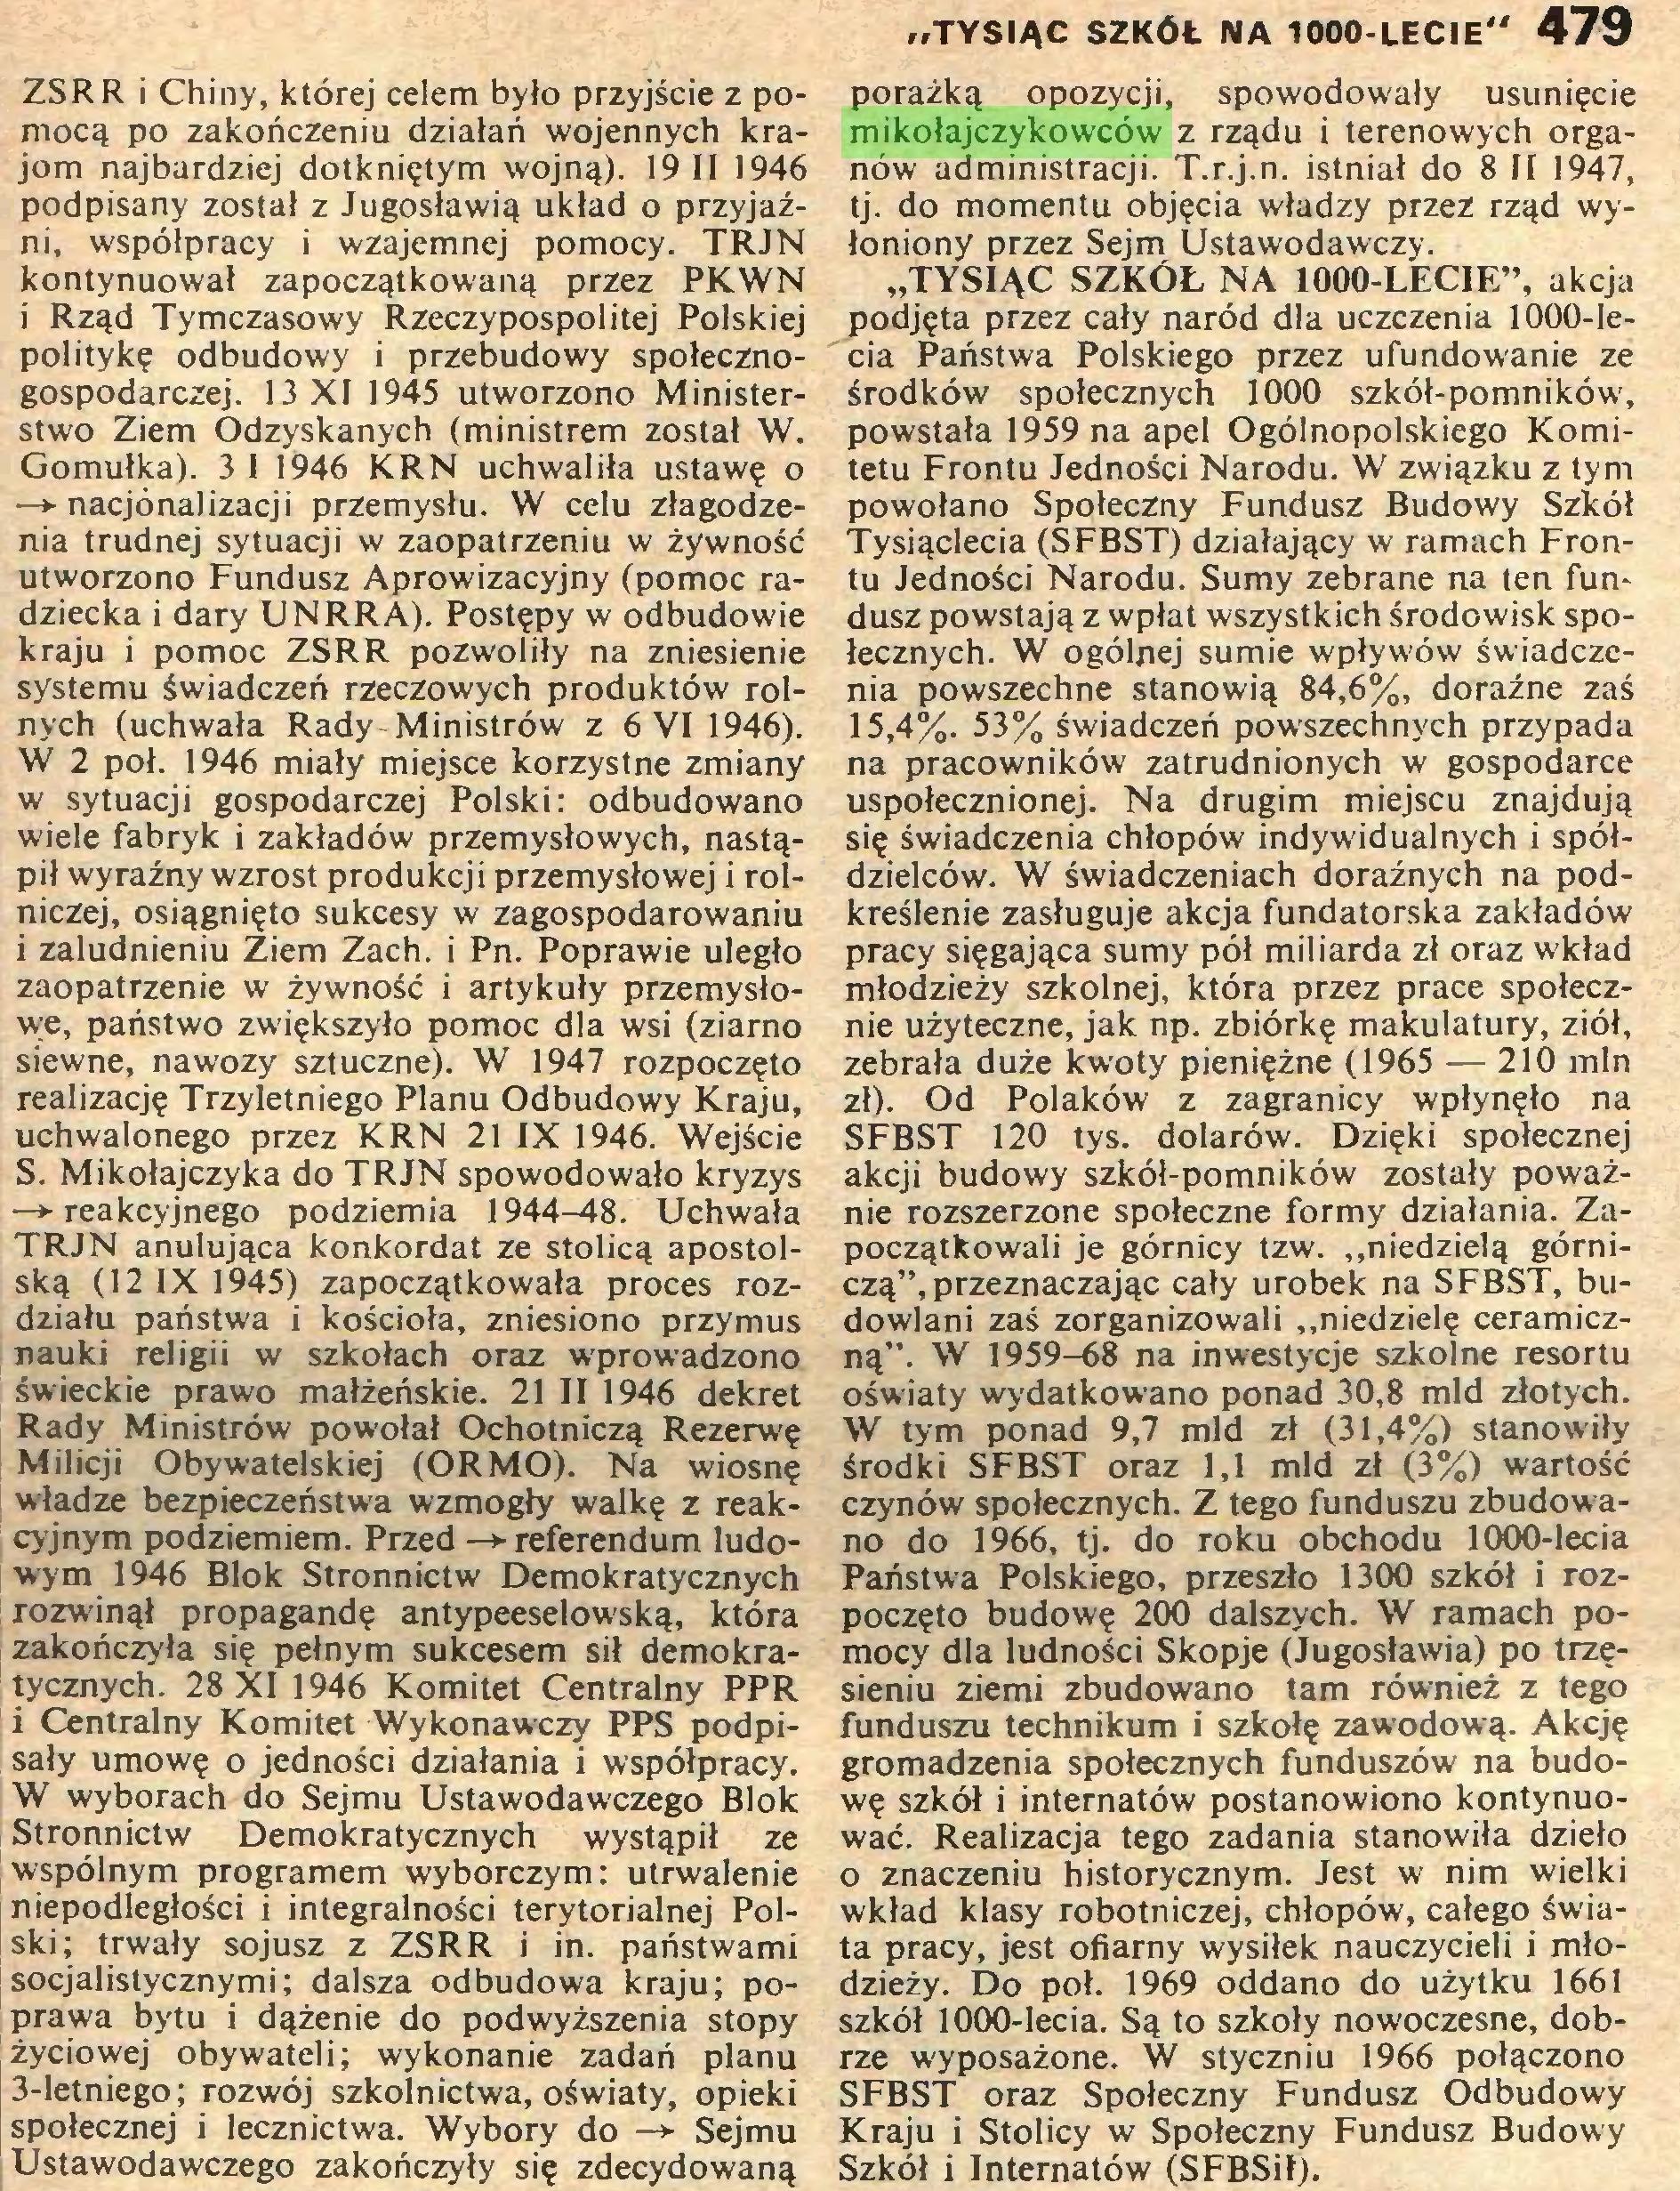 """(...) społecznej i lecznictwa. Wybory do —*■ Sejmu Ustawodawczego zakończyły się zdecydowaną »TYSIĄC SZKÓŁ NA 1000-LECIE"""" 479 porażką opozycji, spowodowały usunięcie mikołajczykowców z rządu i terenowych organów administracji. T.r.j.n. istniał do 8 II 1947, tj. do momentu objęcia władzy przez rząd wyłoniony przez Sejm Ustawodawczy..."""